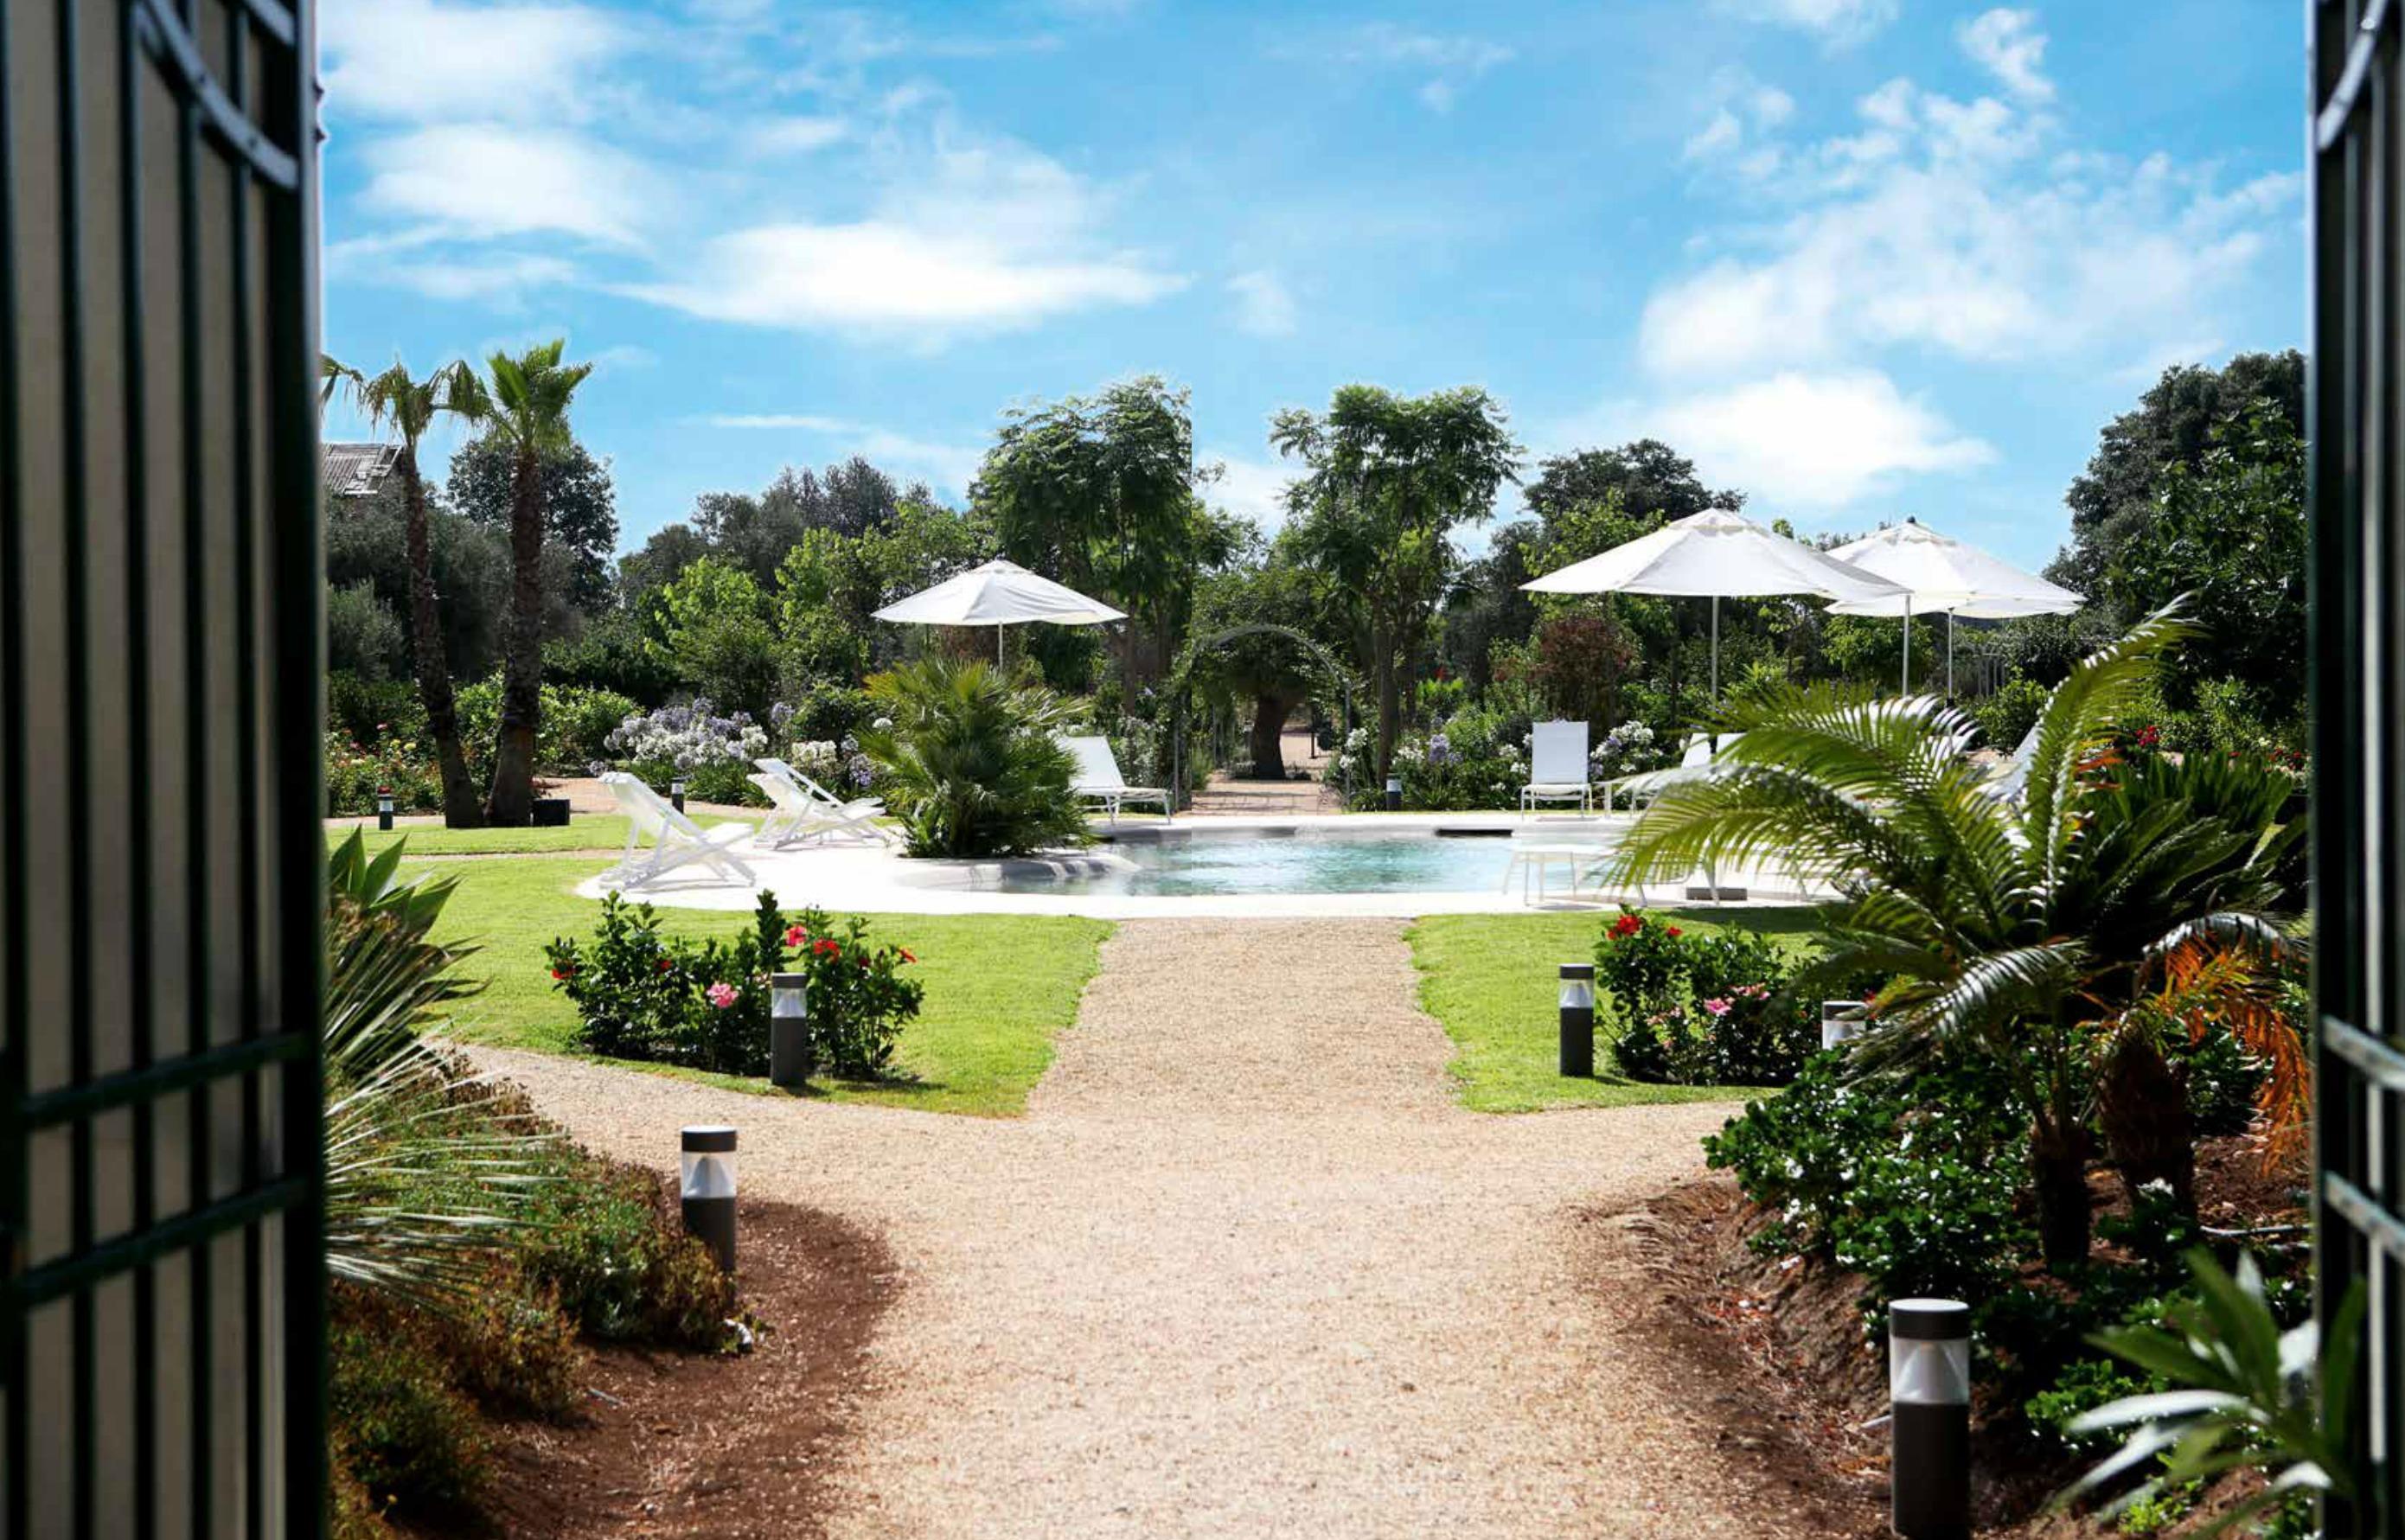 Giardino botanico un luogo incantato for Giardino botanico milano